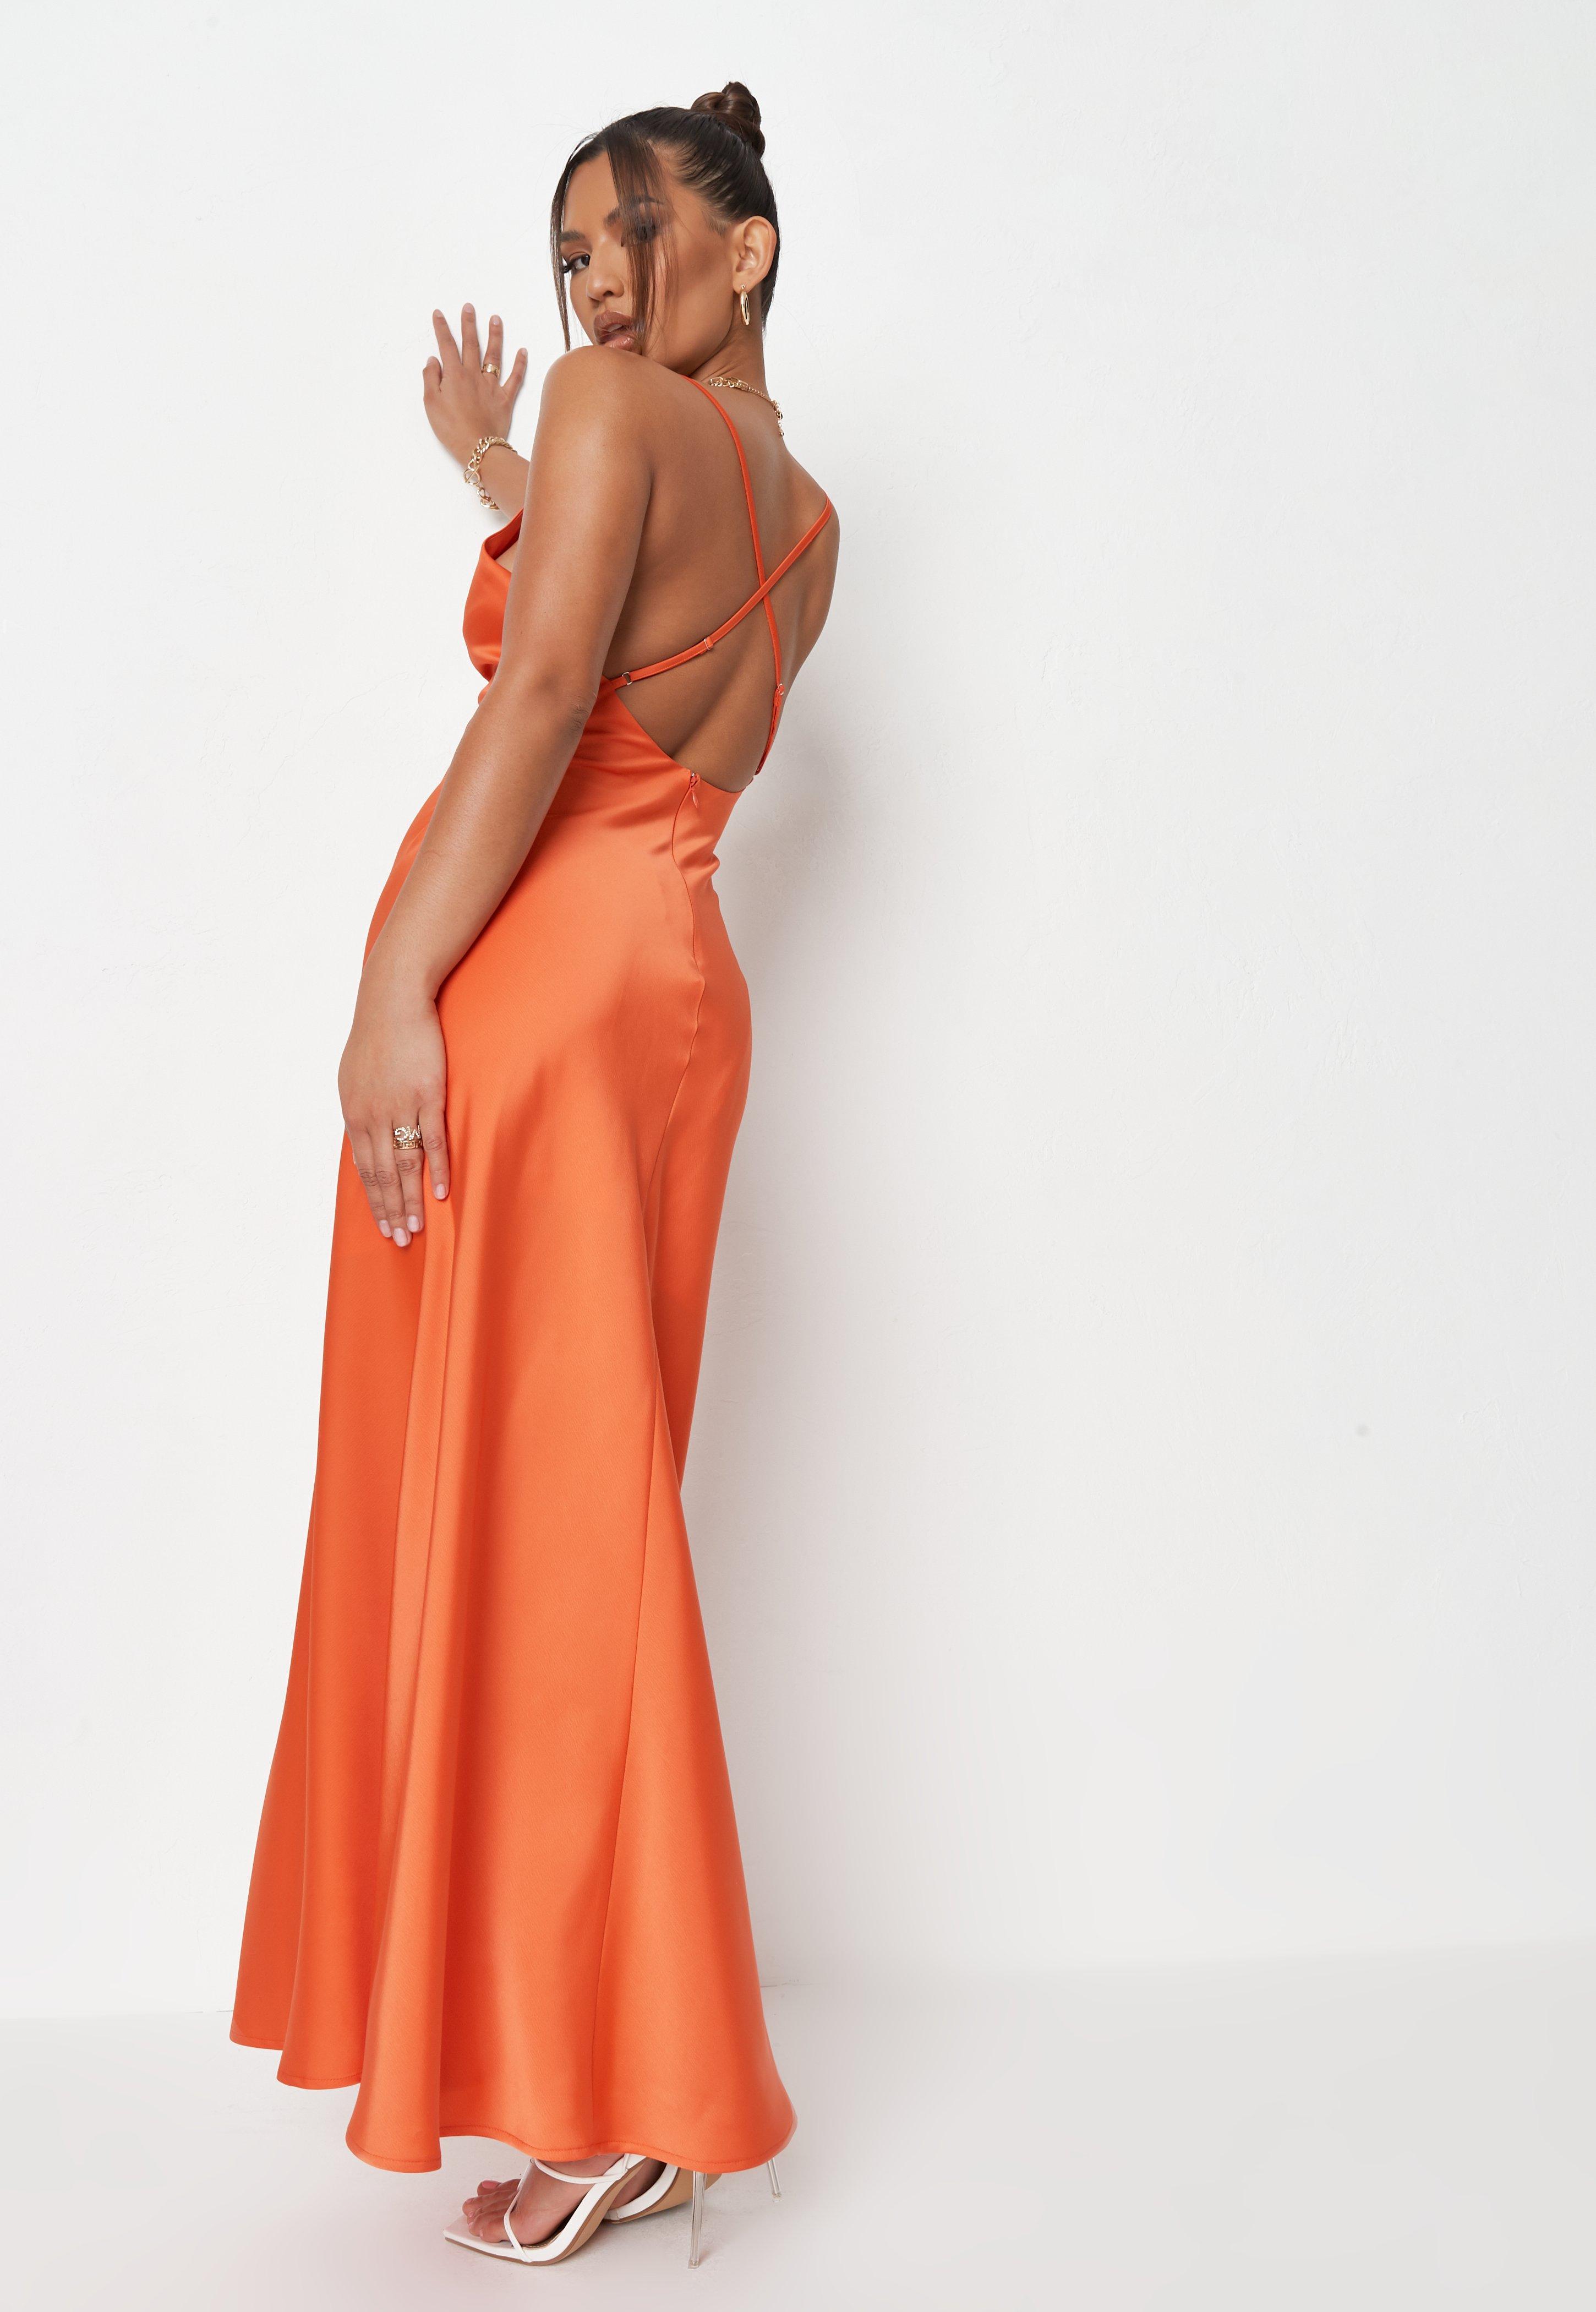 Satin Maxi Dresses,Orange Maxi Dresses,Orange Maxi Dresses,Satin Maxi Dress,Long Orange Maxi Dress,Orange Maxi Dress,Orange Maxi Dress,orange maxi dress,